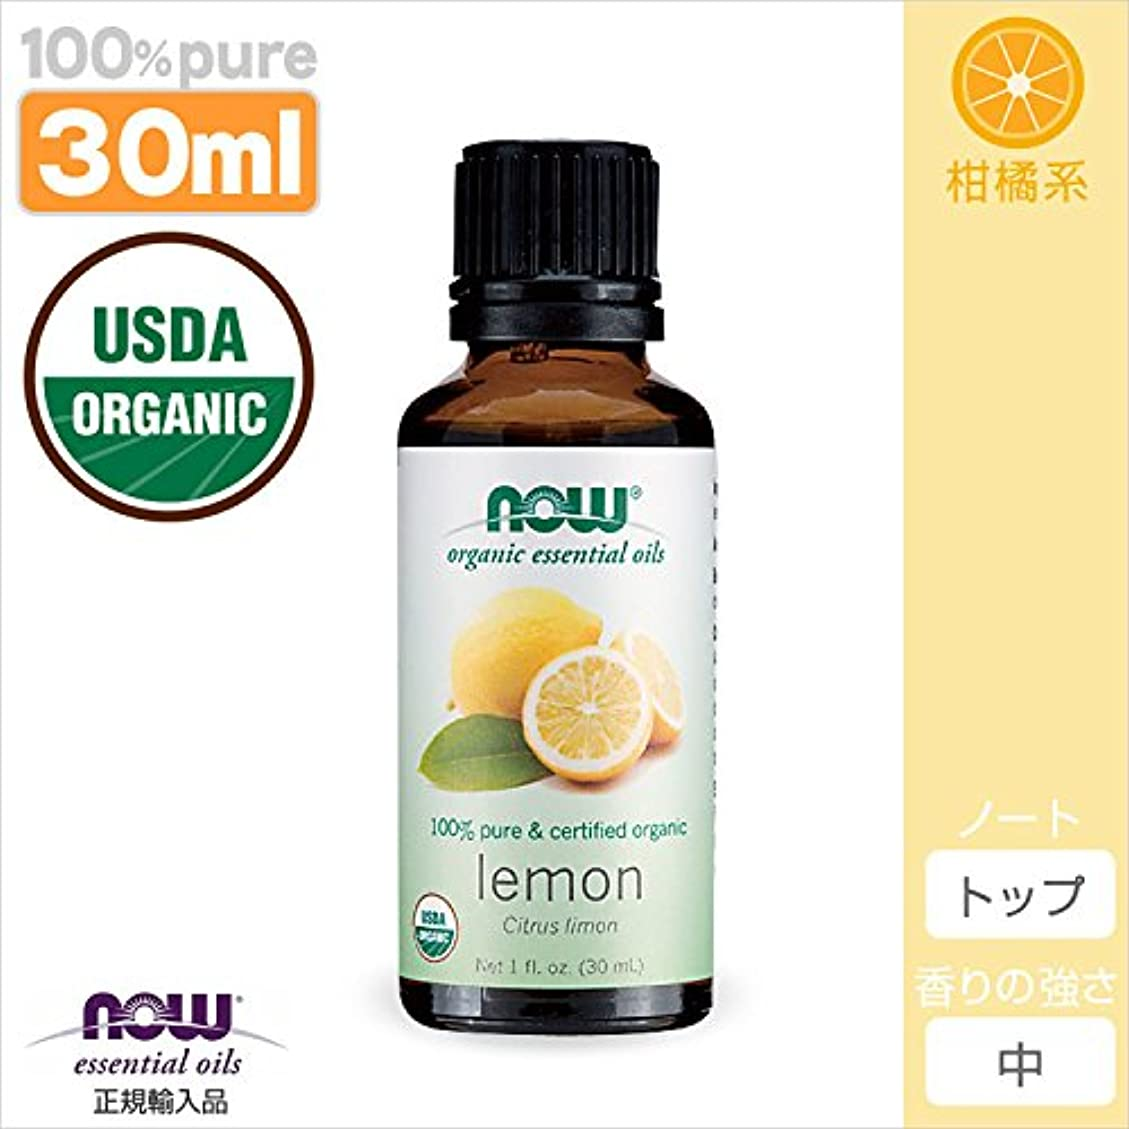 不均一毎日つかいますレモン精油オーガニック[30ml] 【正規輸入品】 NOWエッセンシャルオイル(アロマオイル)